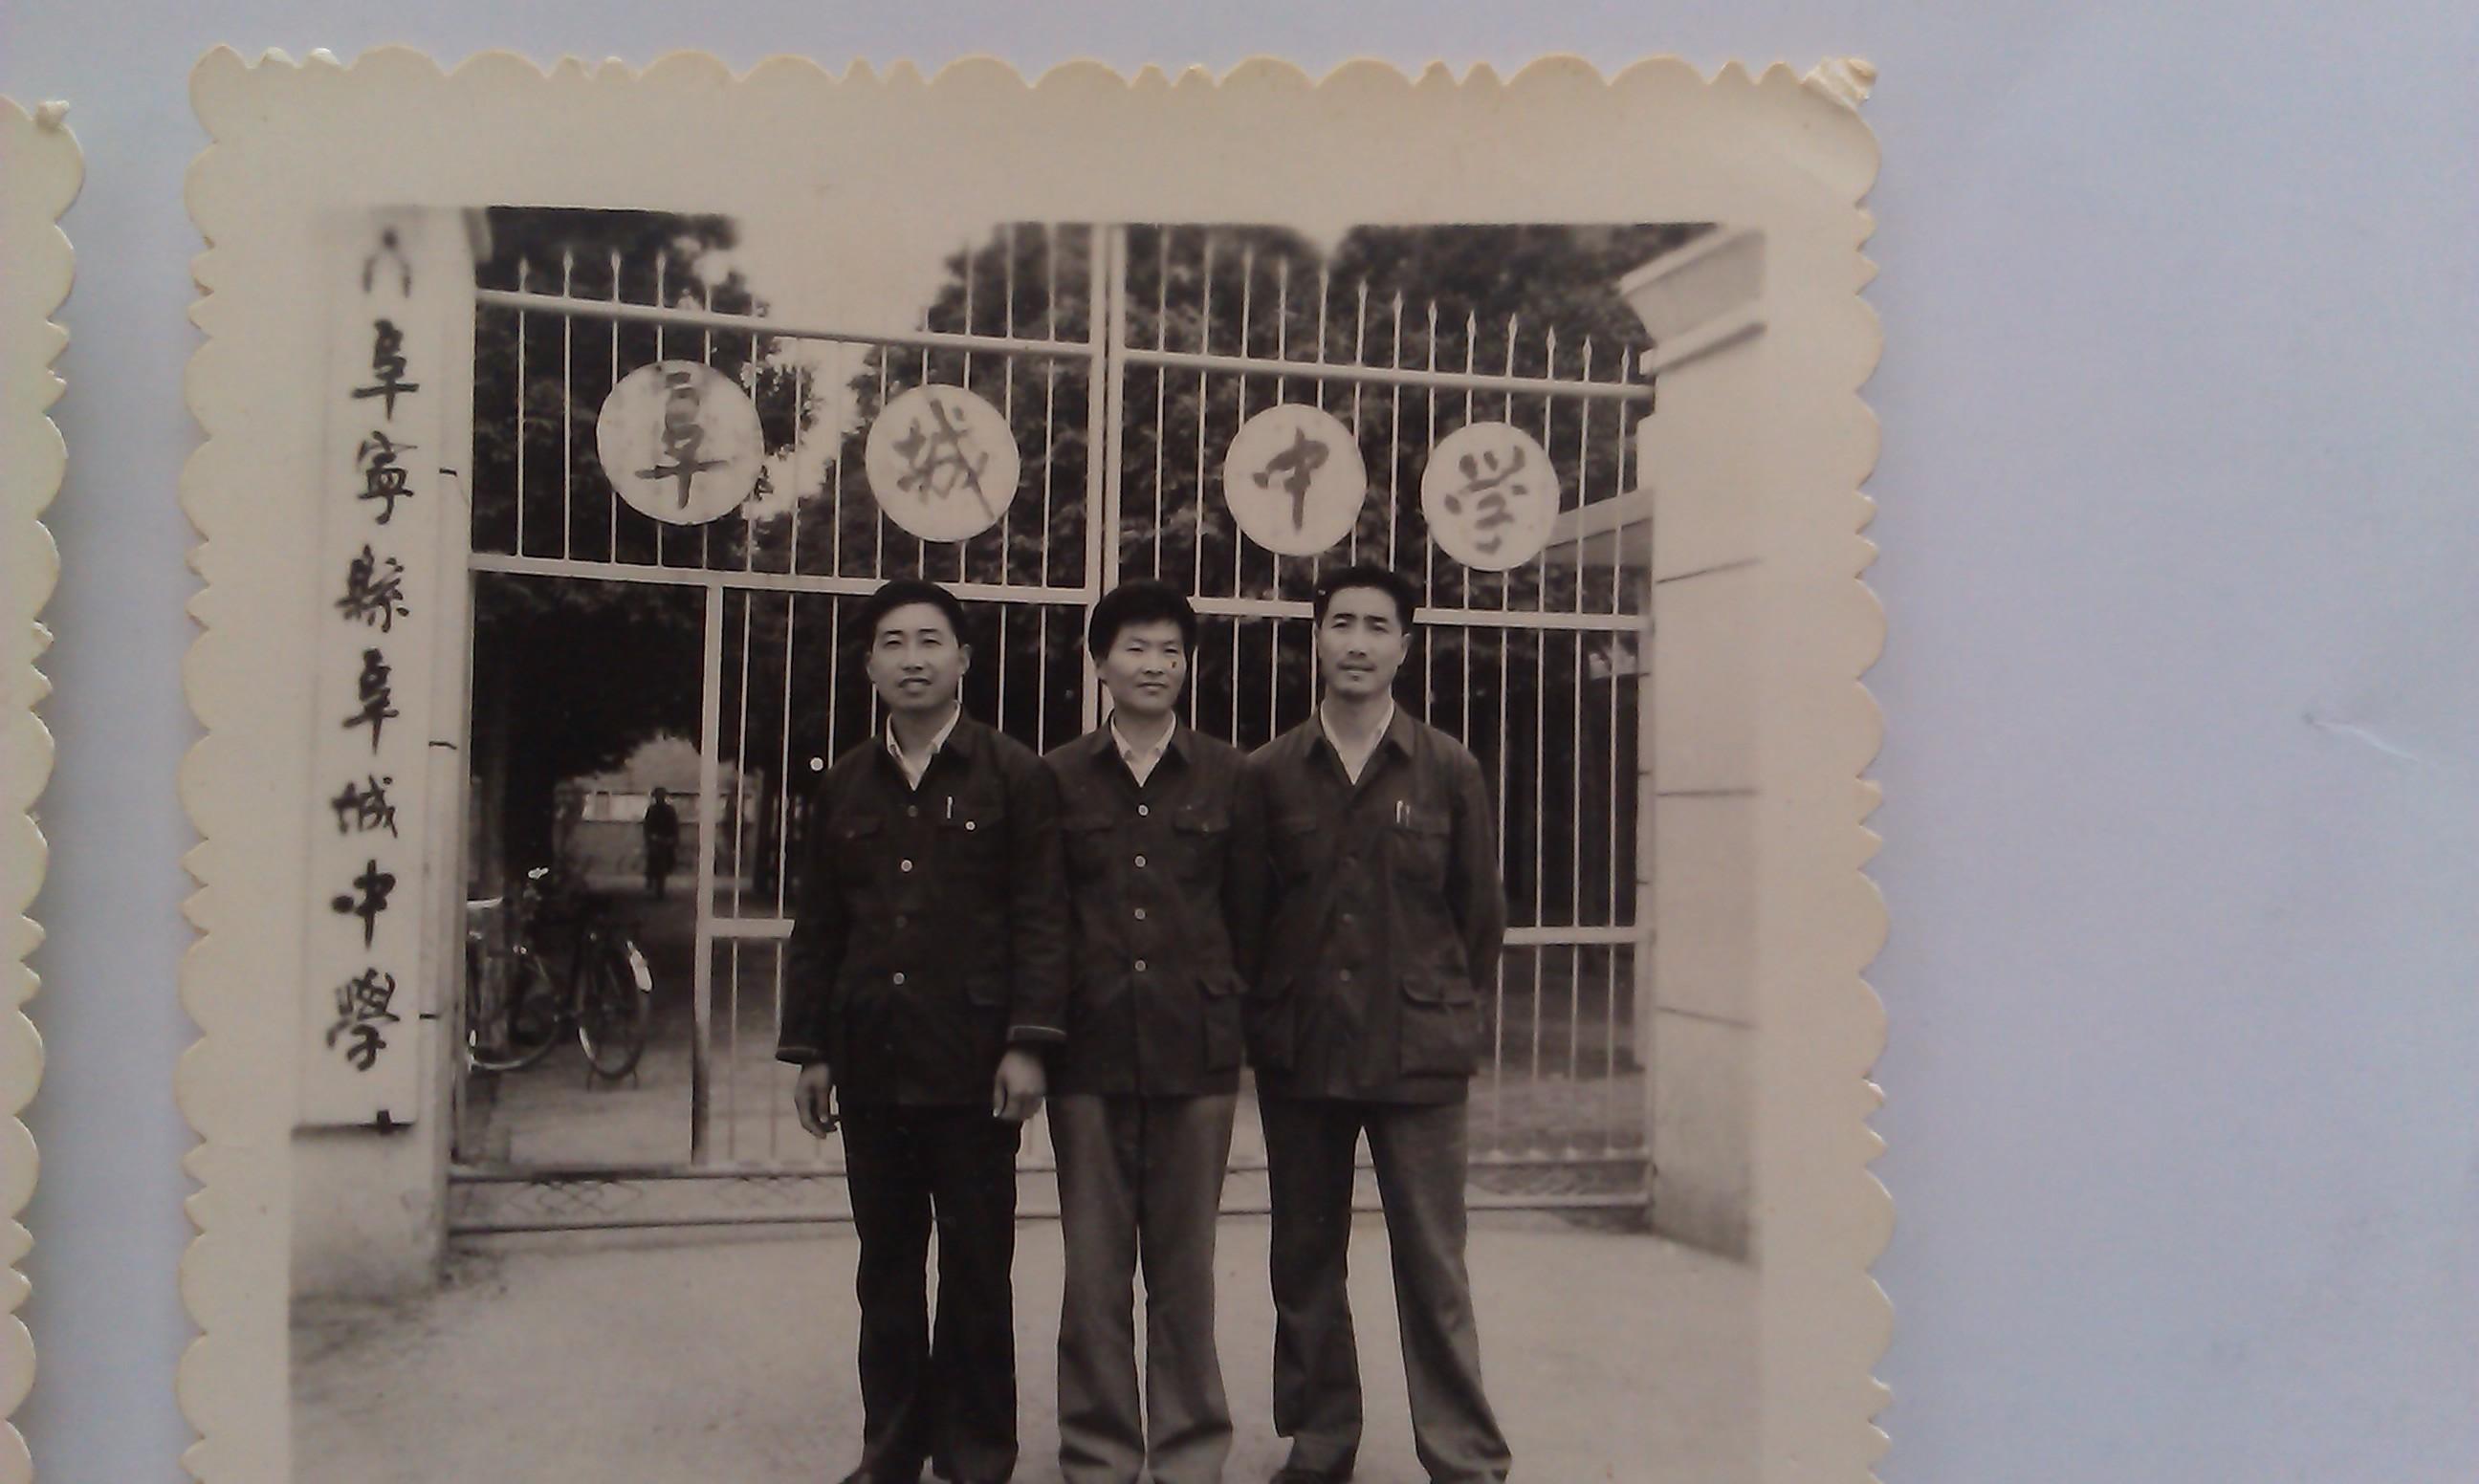 见证40年 | 校门与校名变化背后的故事